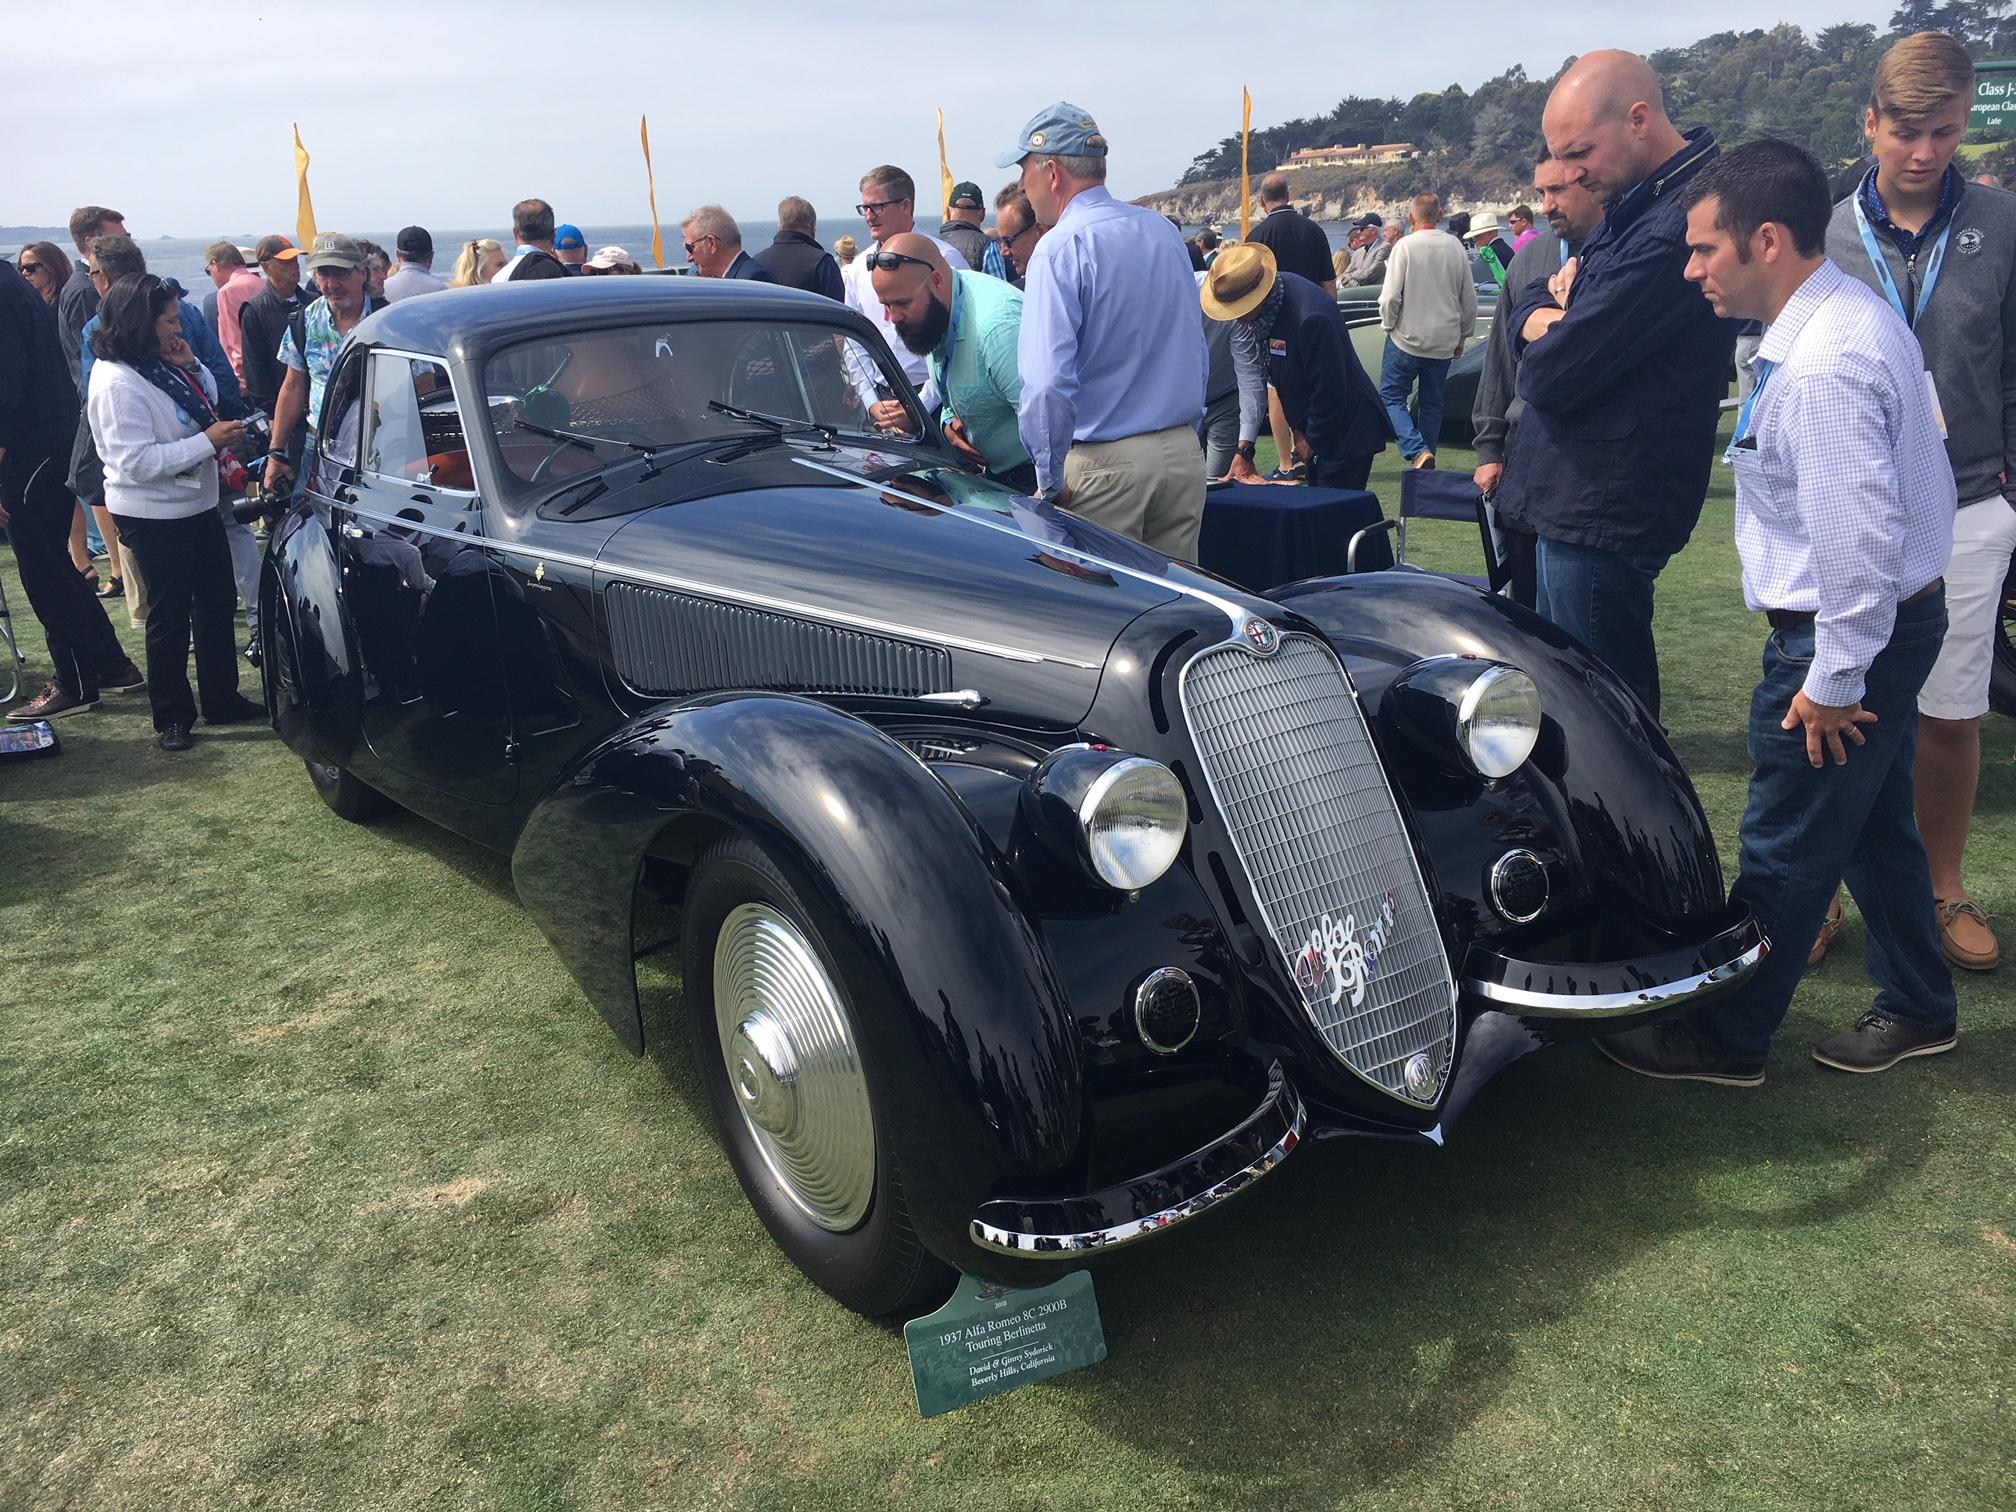 Alfa Romeo 8C at Pebble Beach Concours